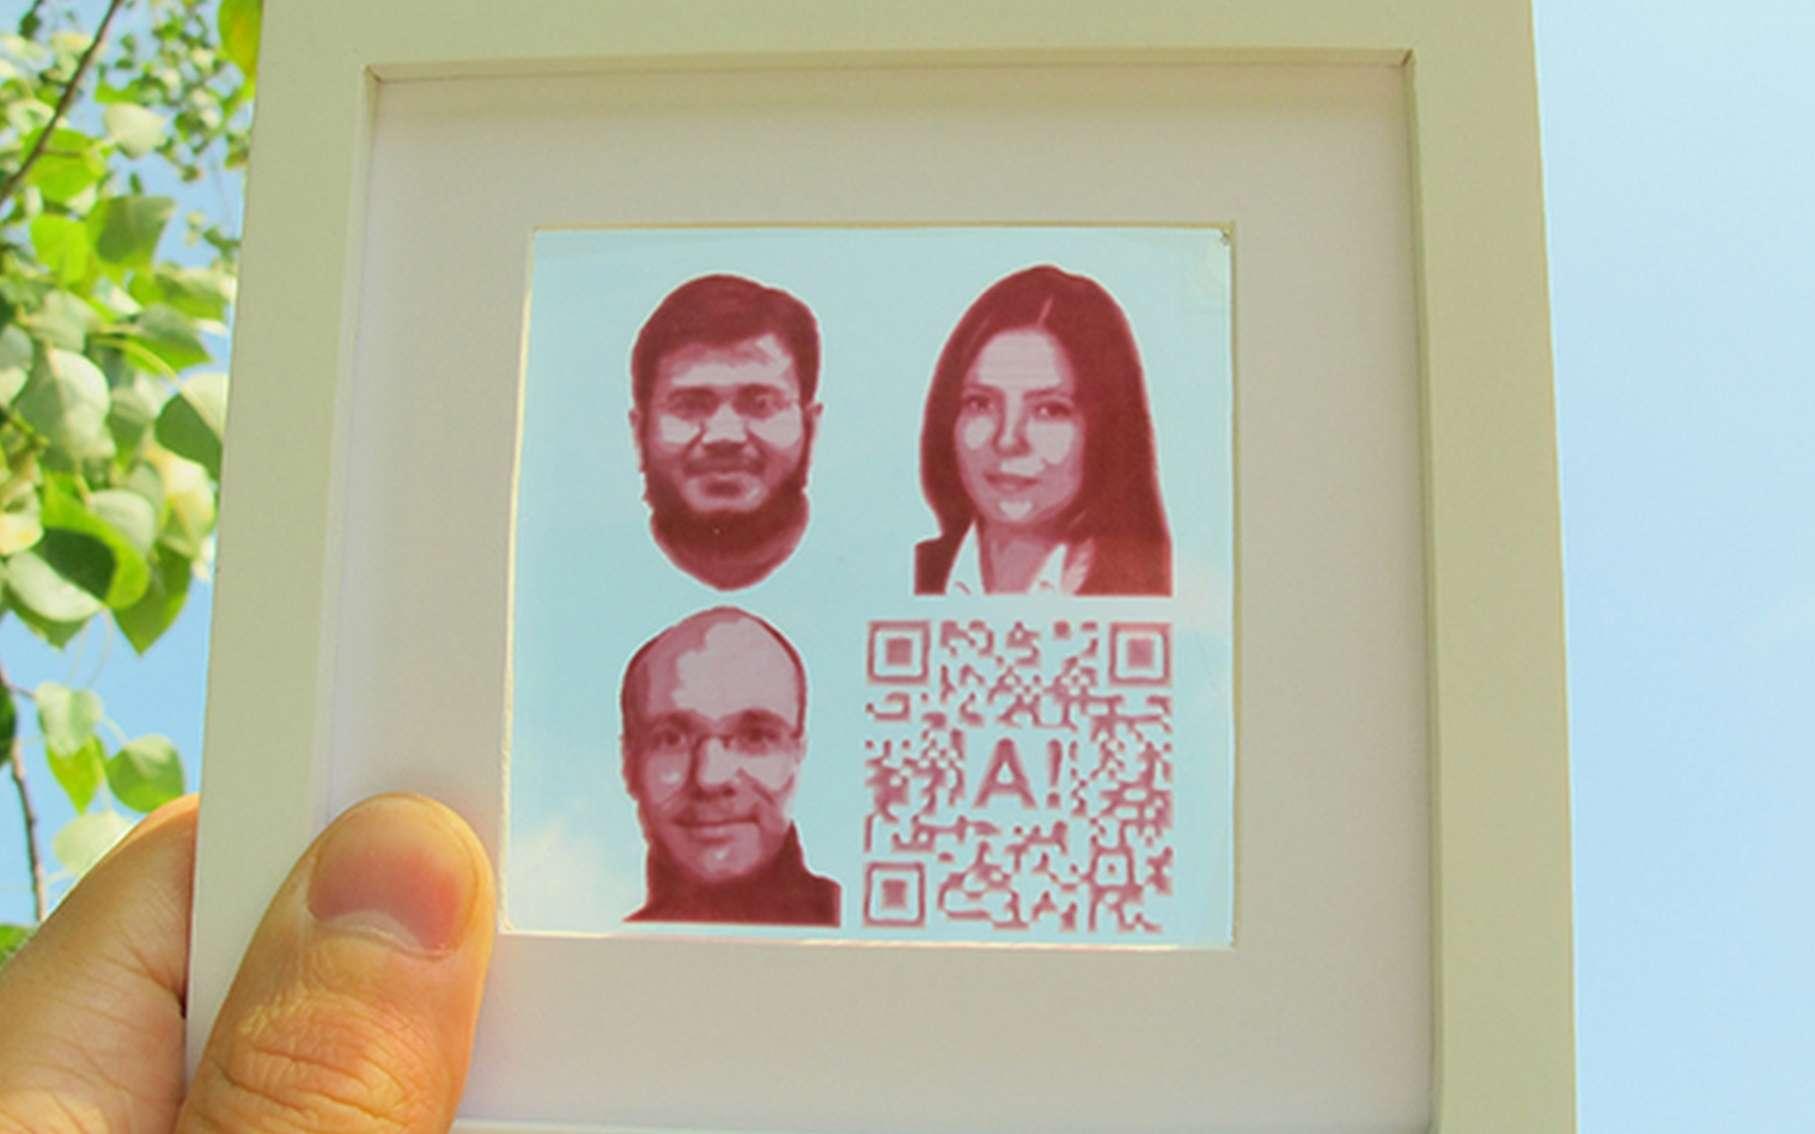 Voici un exemple d'image transformée en cellule photovoltaïque grâce à un procédé d'impression par jet d'encre. © Aalto University